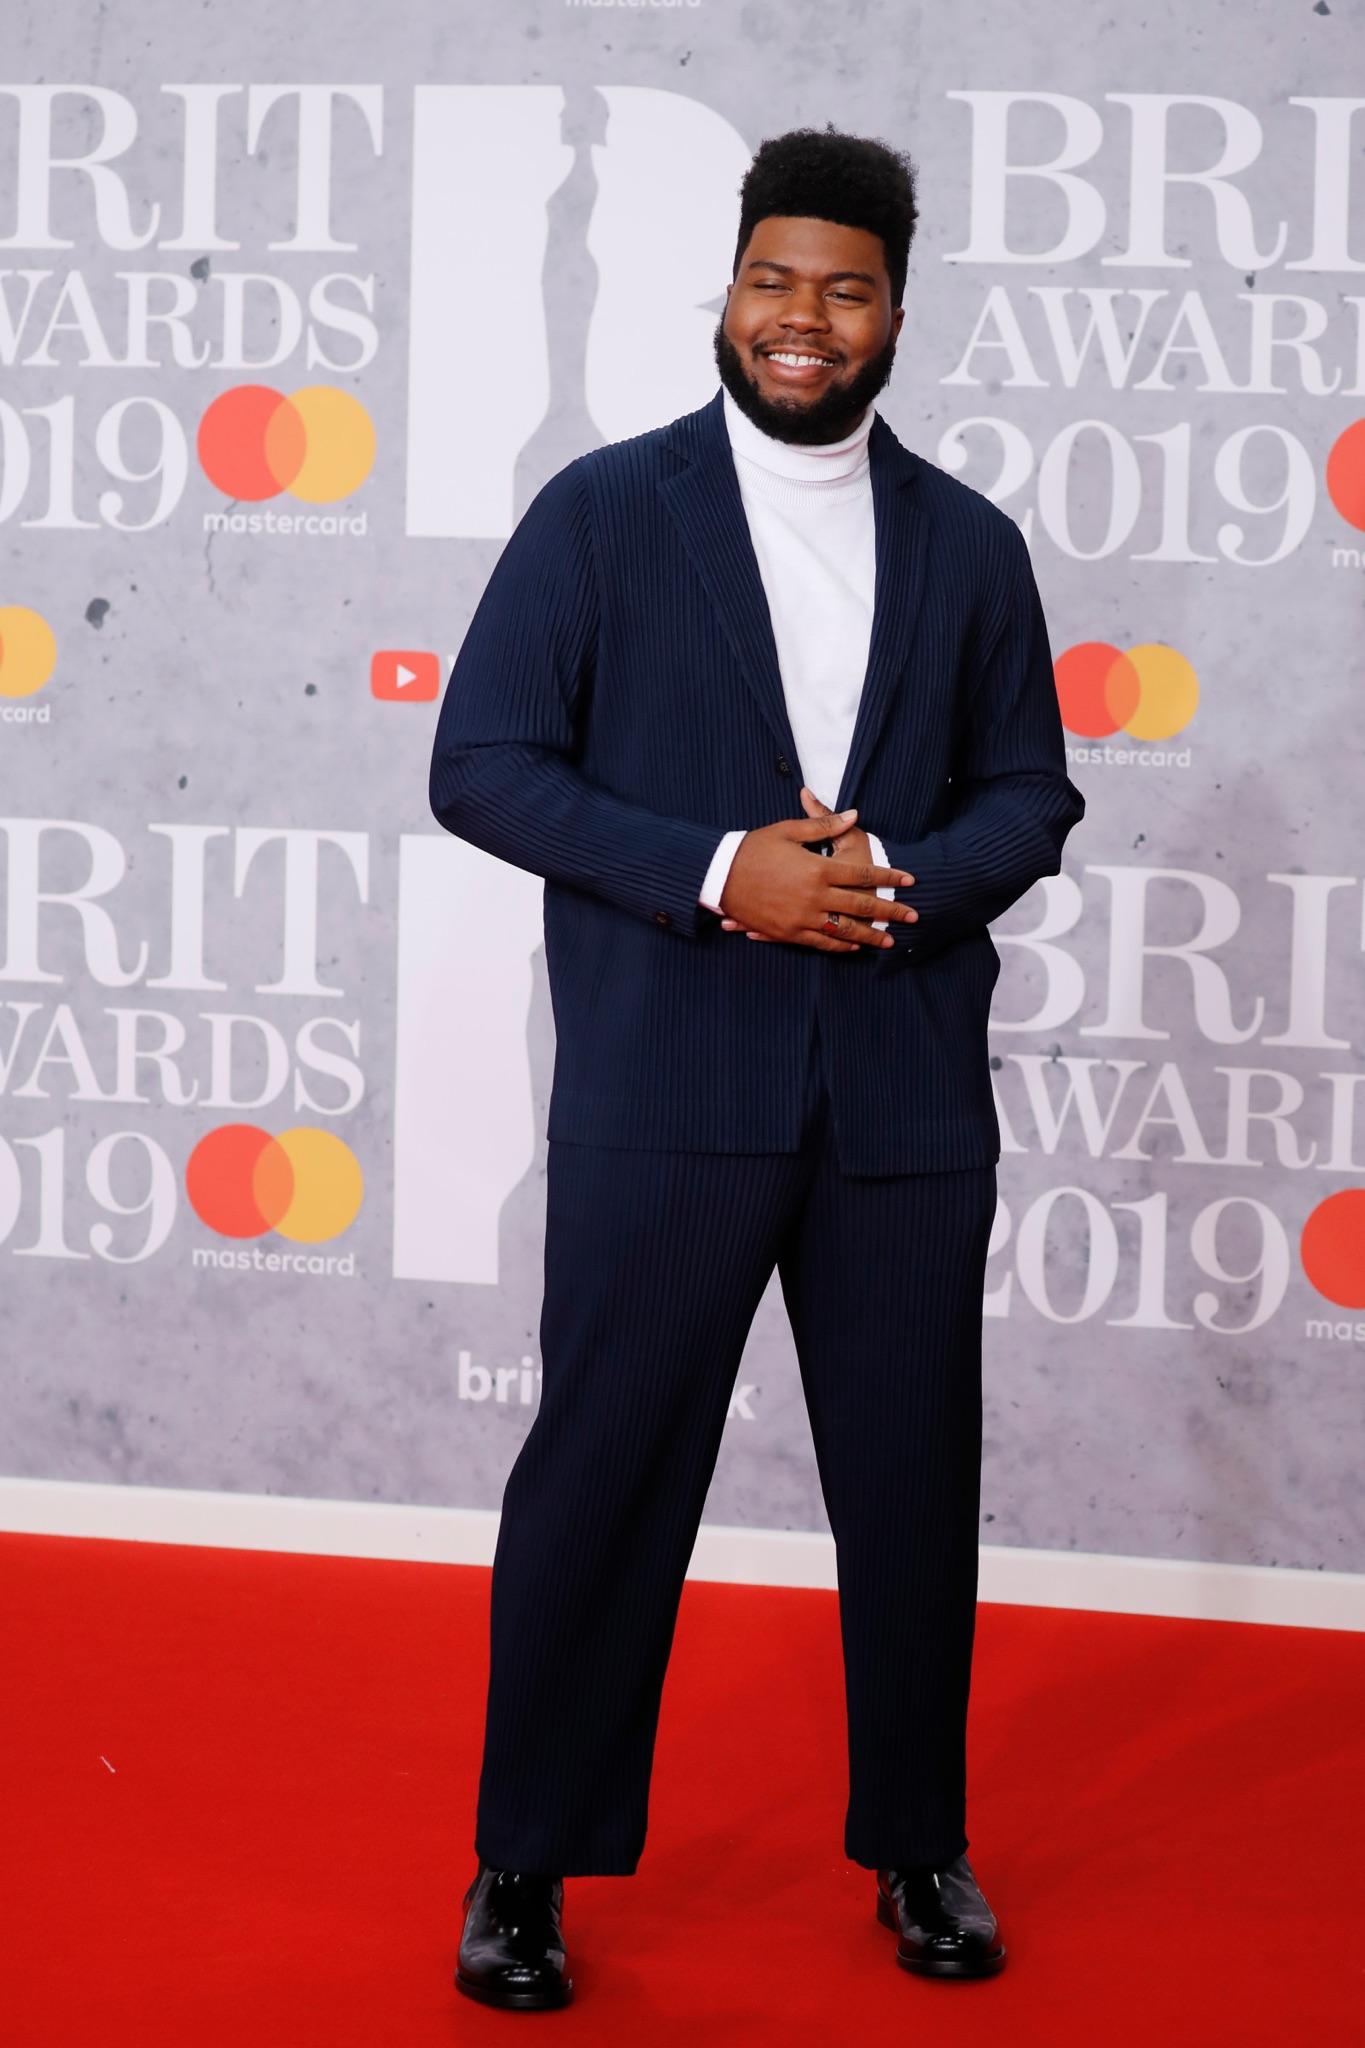 Khalid at the Brit Awards 2019